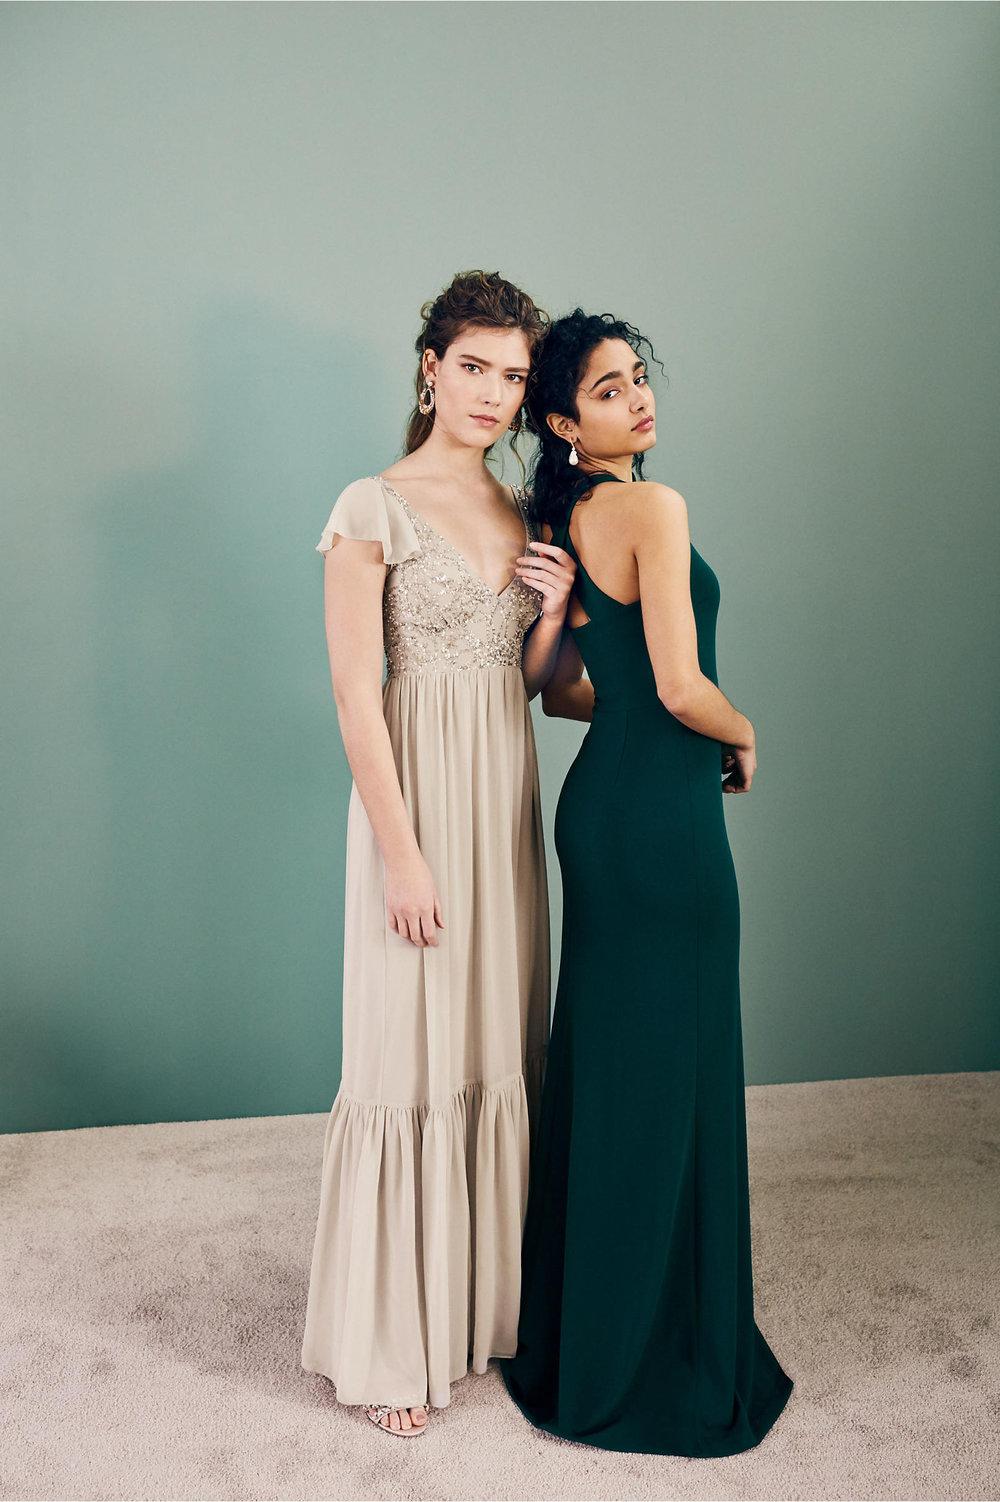 Dark Moody Wedding Dresses by BHLDN